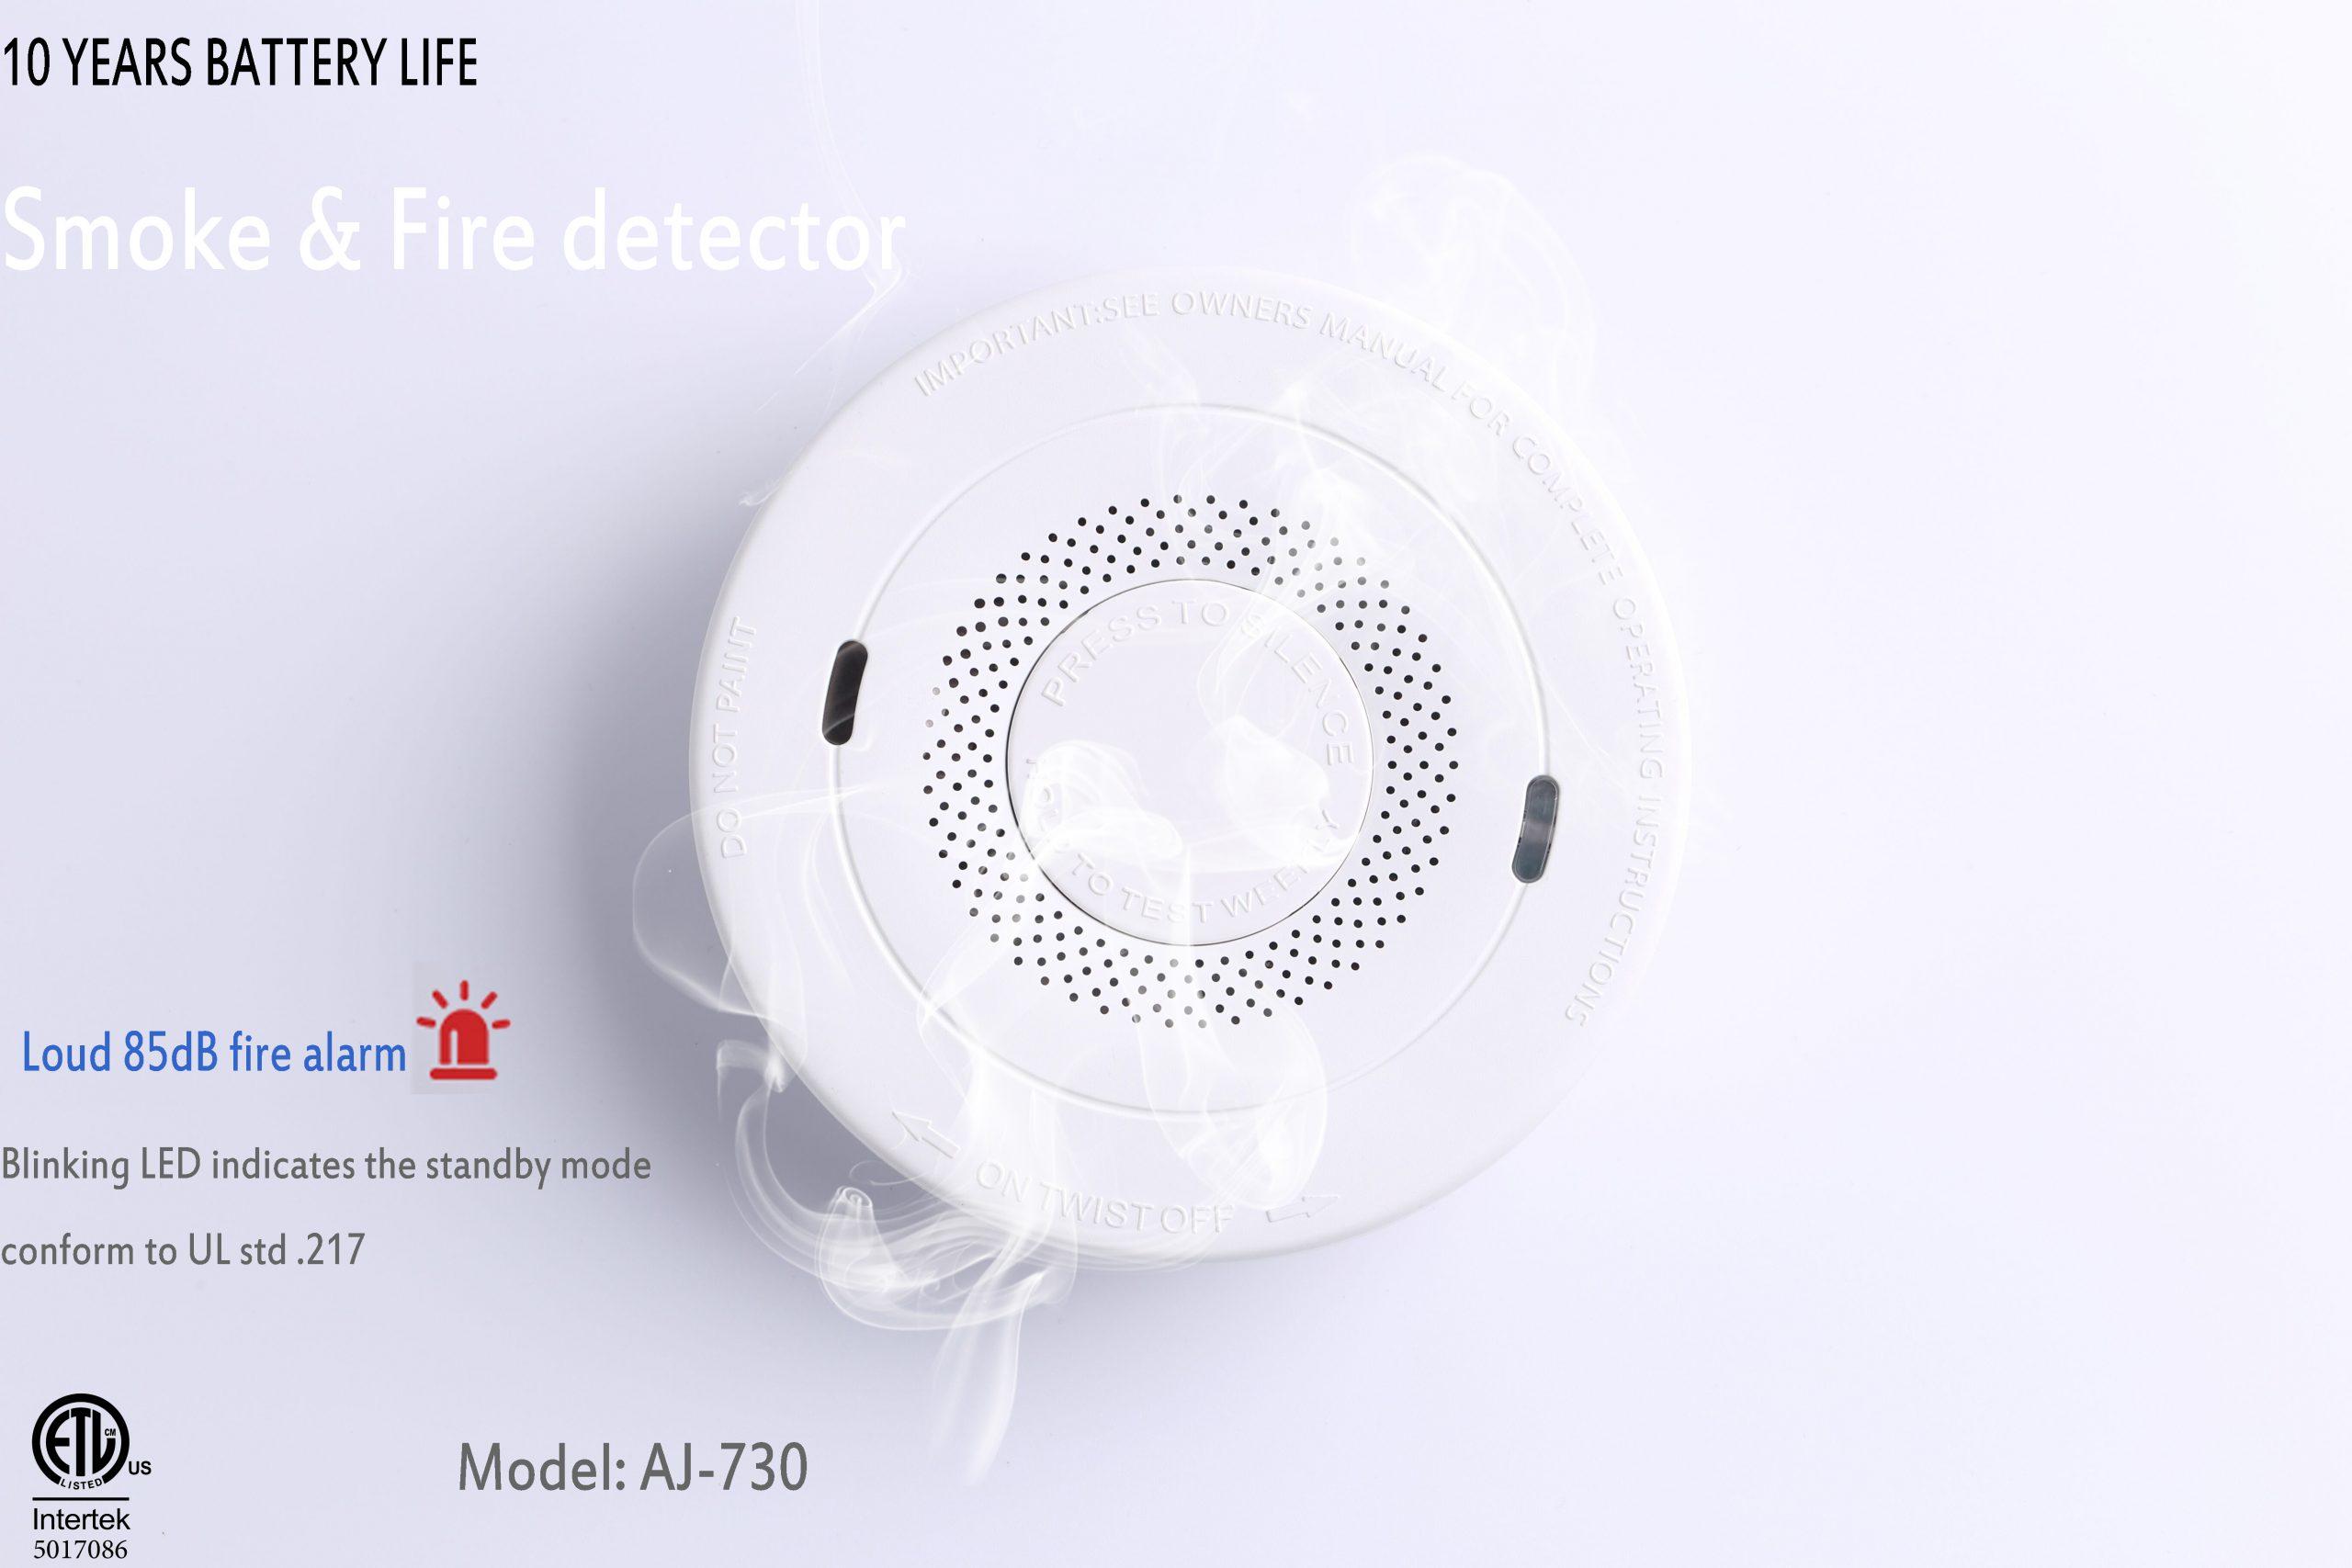 10 years smoke alarm